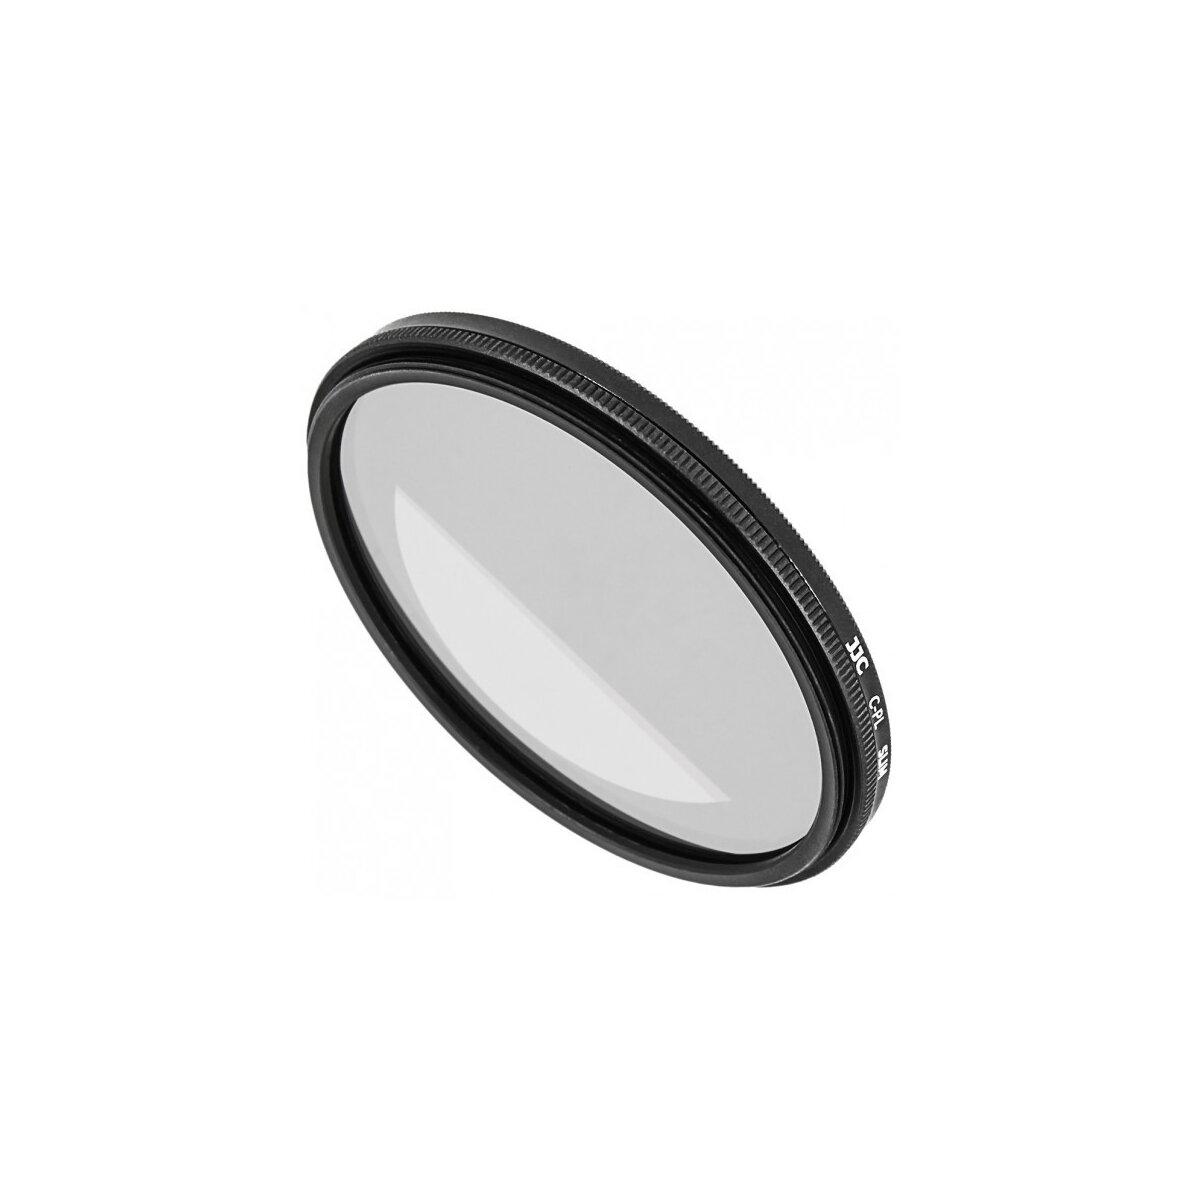 Ultra Flacher Zirkular CPL Polfilter fuer Objektive mit 62 mm Filtergewinde - fuer kontrastreiche Bilder mit gesaettigten Farben